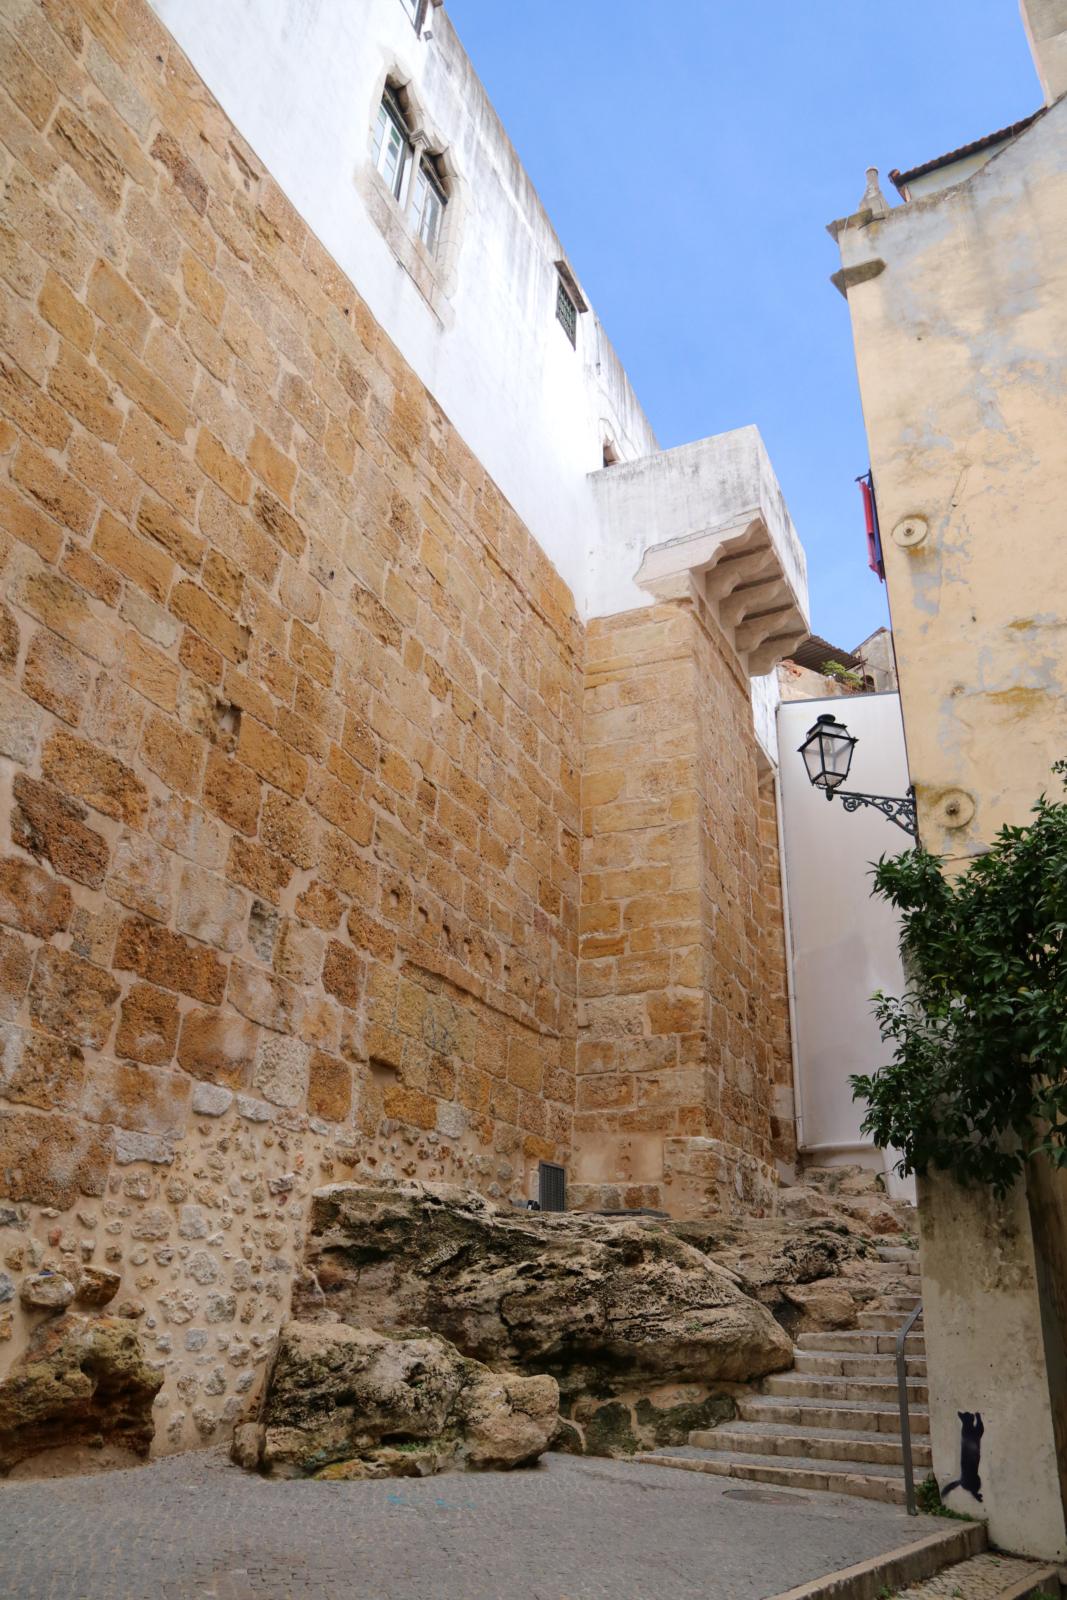 Um trilho de rua com uma escadaria em pedra